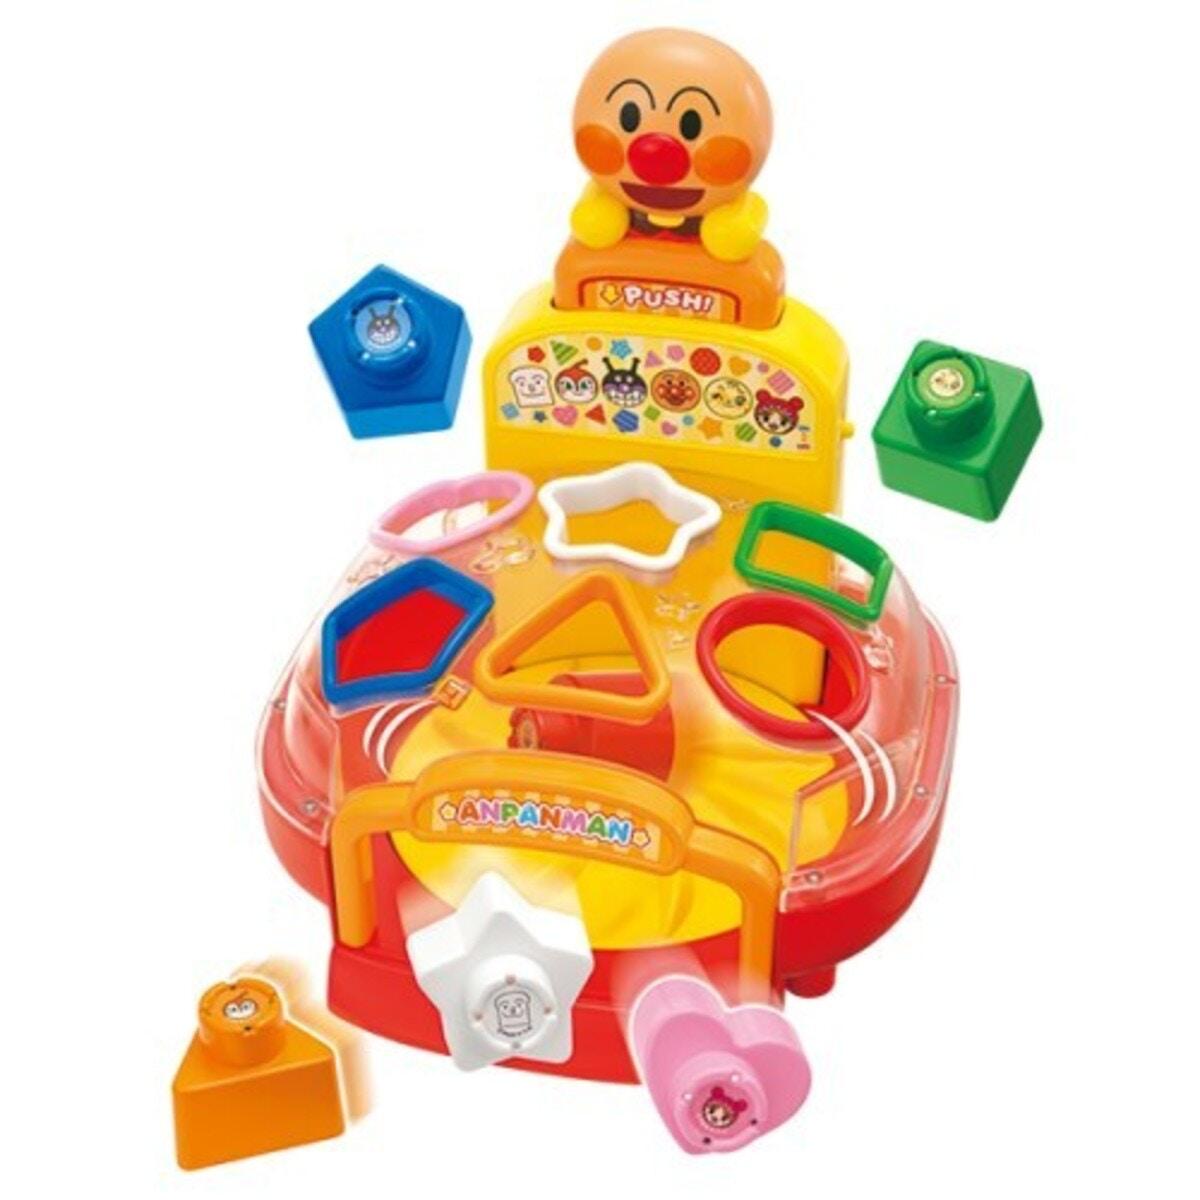 ジョイパレット「アンパンマンおしゃべりぐるぐるパズルおもちゃ」